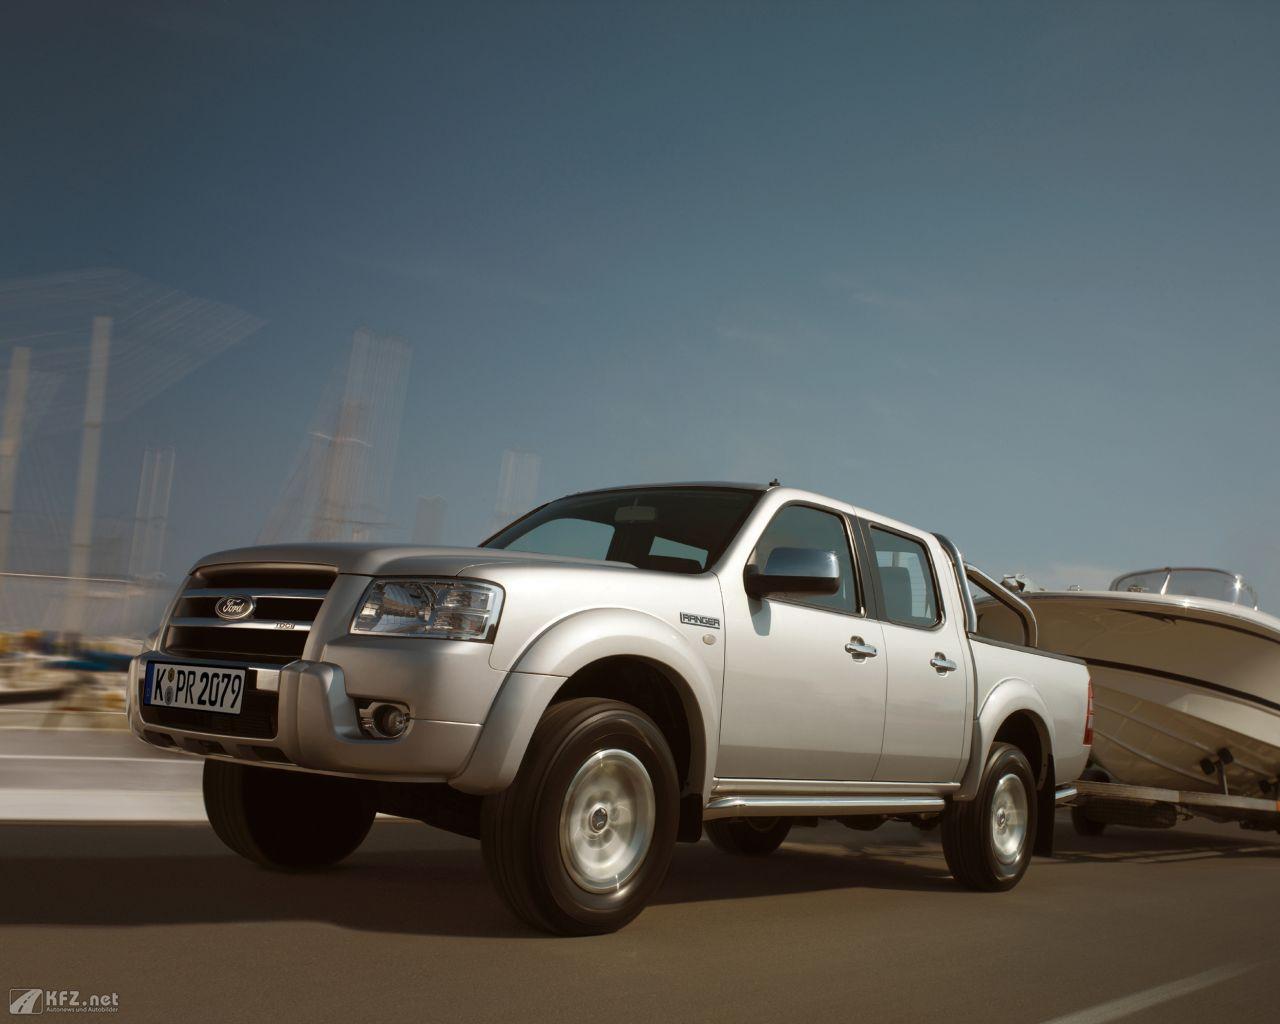 ford-ranger-1280x1024-11